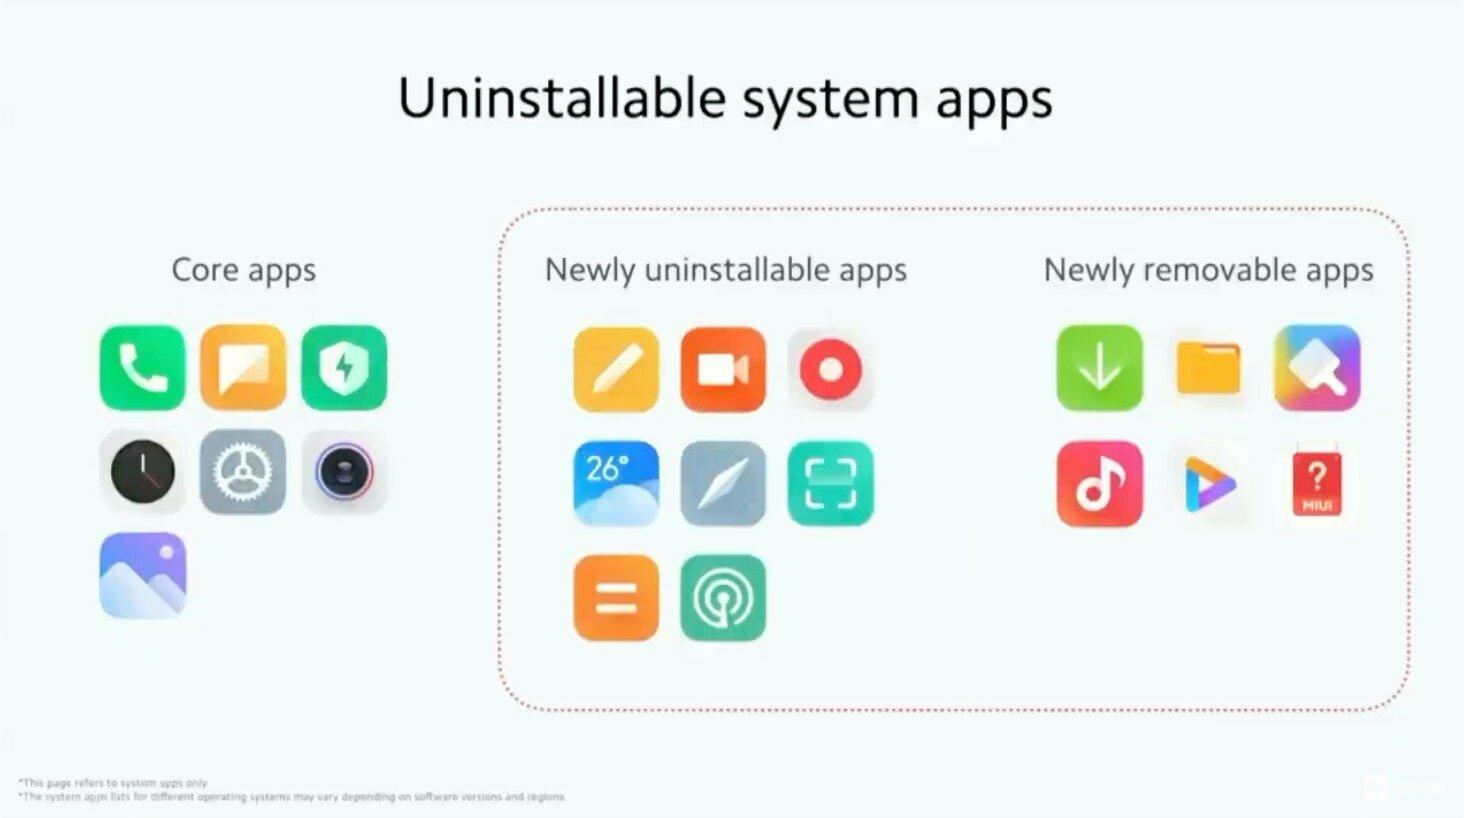 Nouvelles applications qui peuvent être désinstallées dans MIUI 12.5